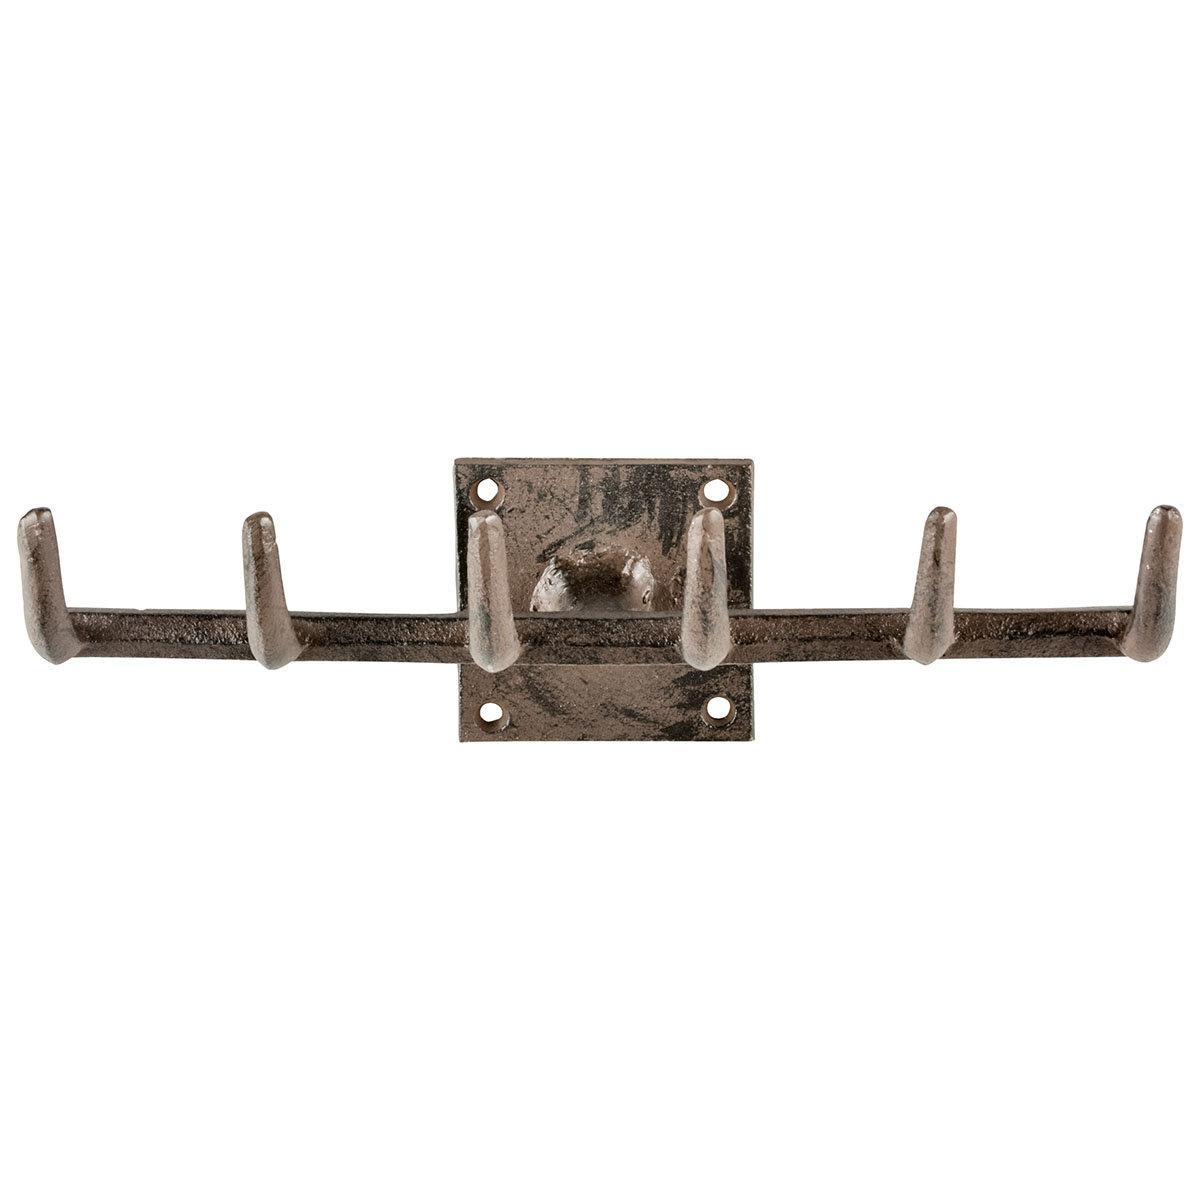 Werkzeughaken Gartenharke, Gusseisen, mit 6 Haken, ca. 27,5 cm | #2